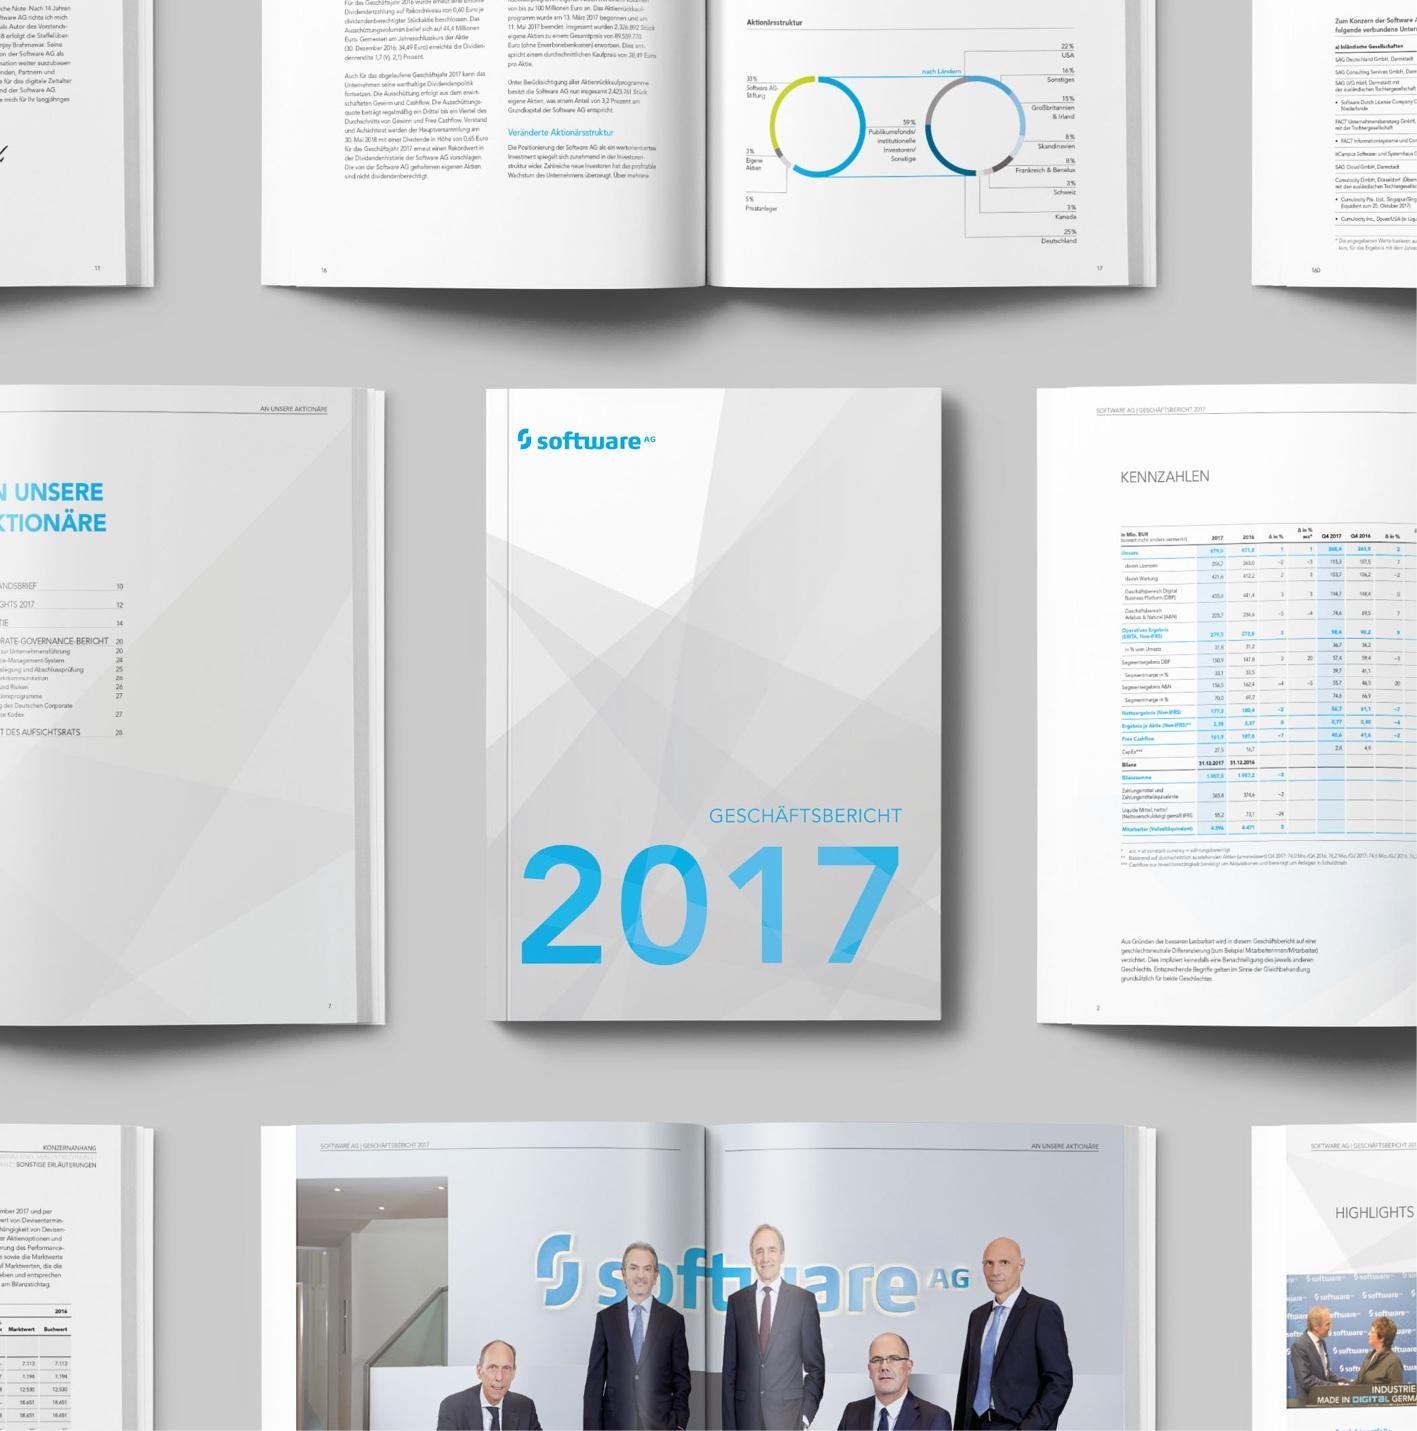 Geschäftsbericht deutsch + englisch, 240 Seiten: Grafik-Koordination & Projektmanagement: Art Direction, Konzeption, Layout, Satz, Druckausgabe